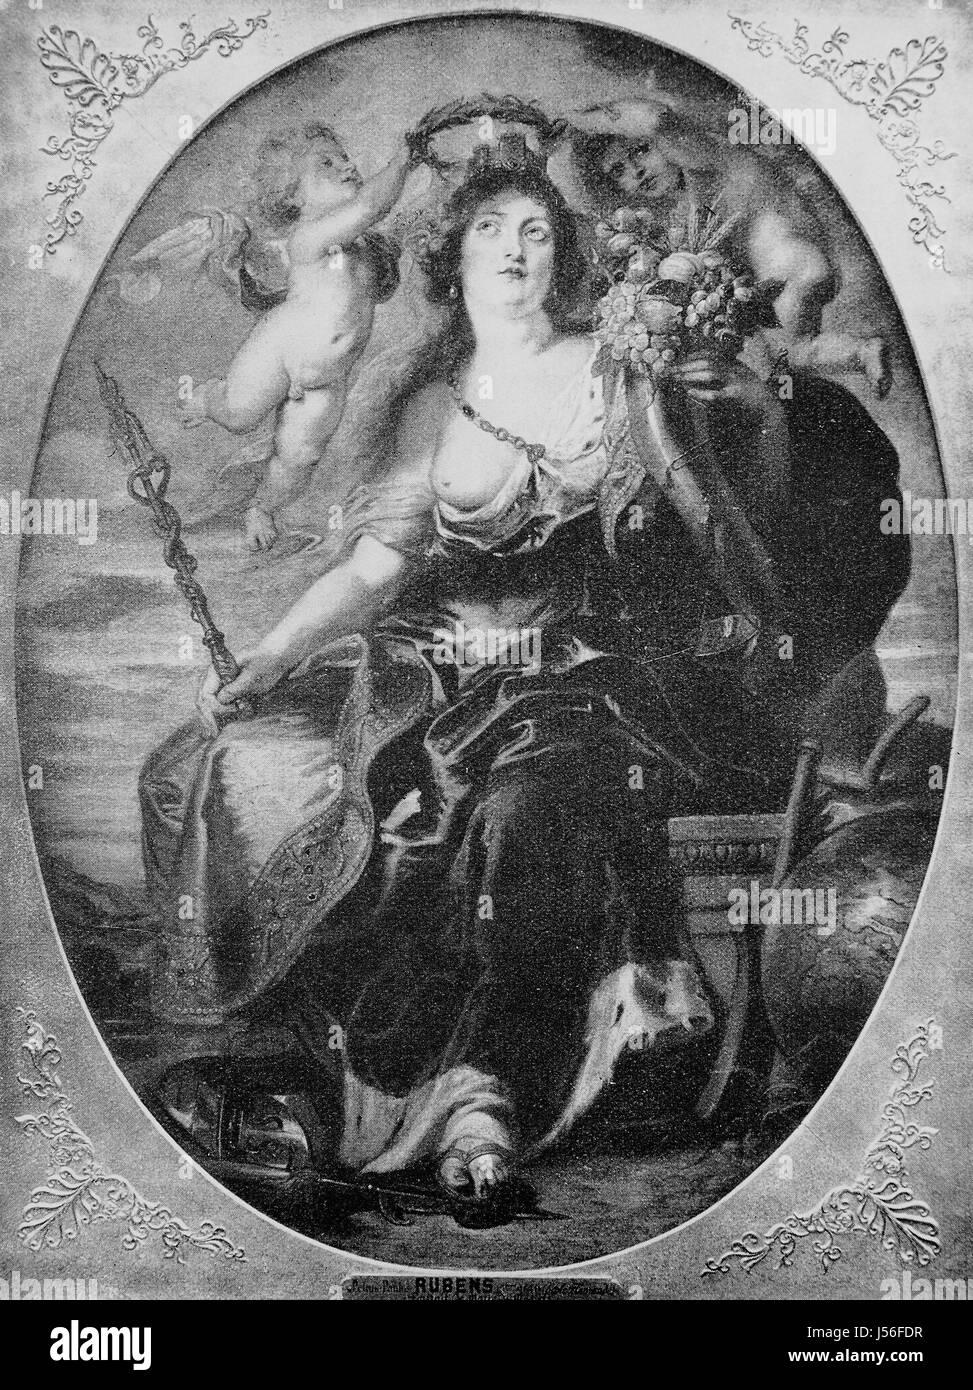 Retrato de María de Médicis después de una pintura de Peter Paul Rubens, siglo XVII. María de Imagen De Stock